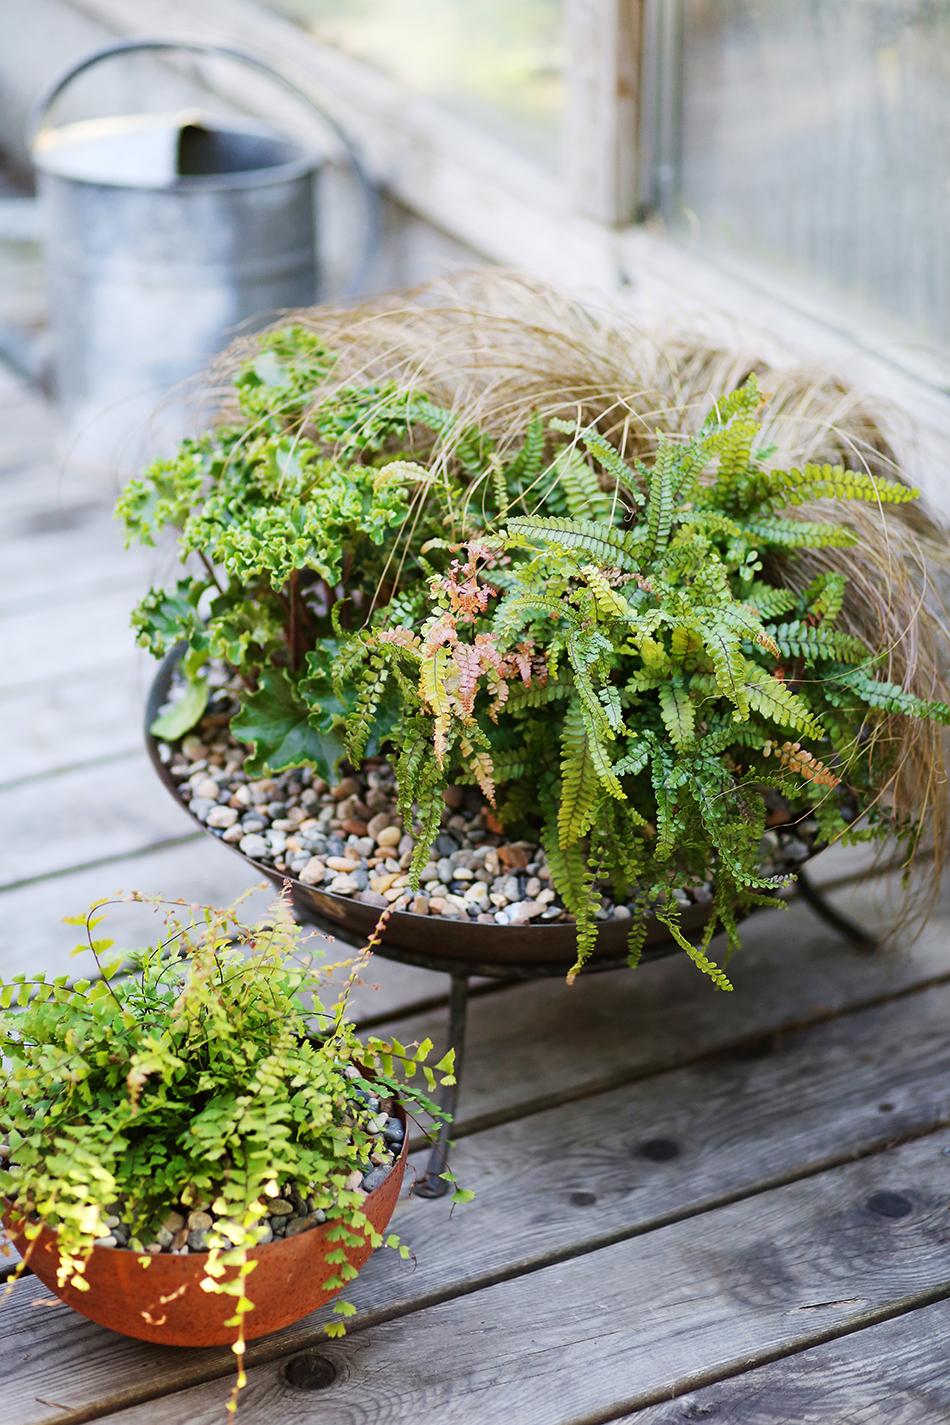 Krukplanteringar med bladväxter och dekorativa stenar